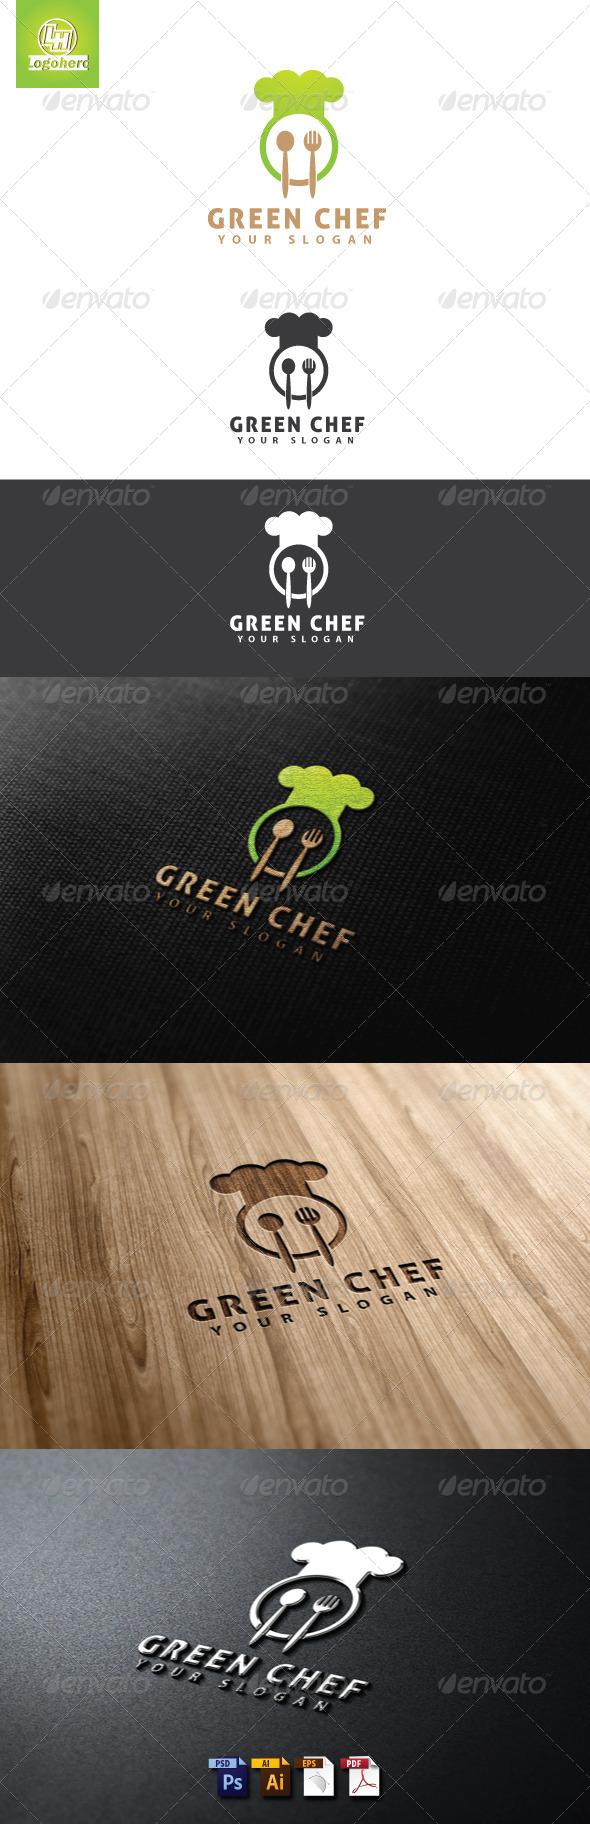 GraphicRiver Green Chef Logo Template 4655499